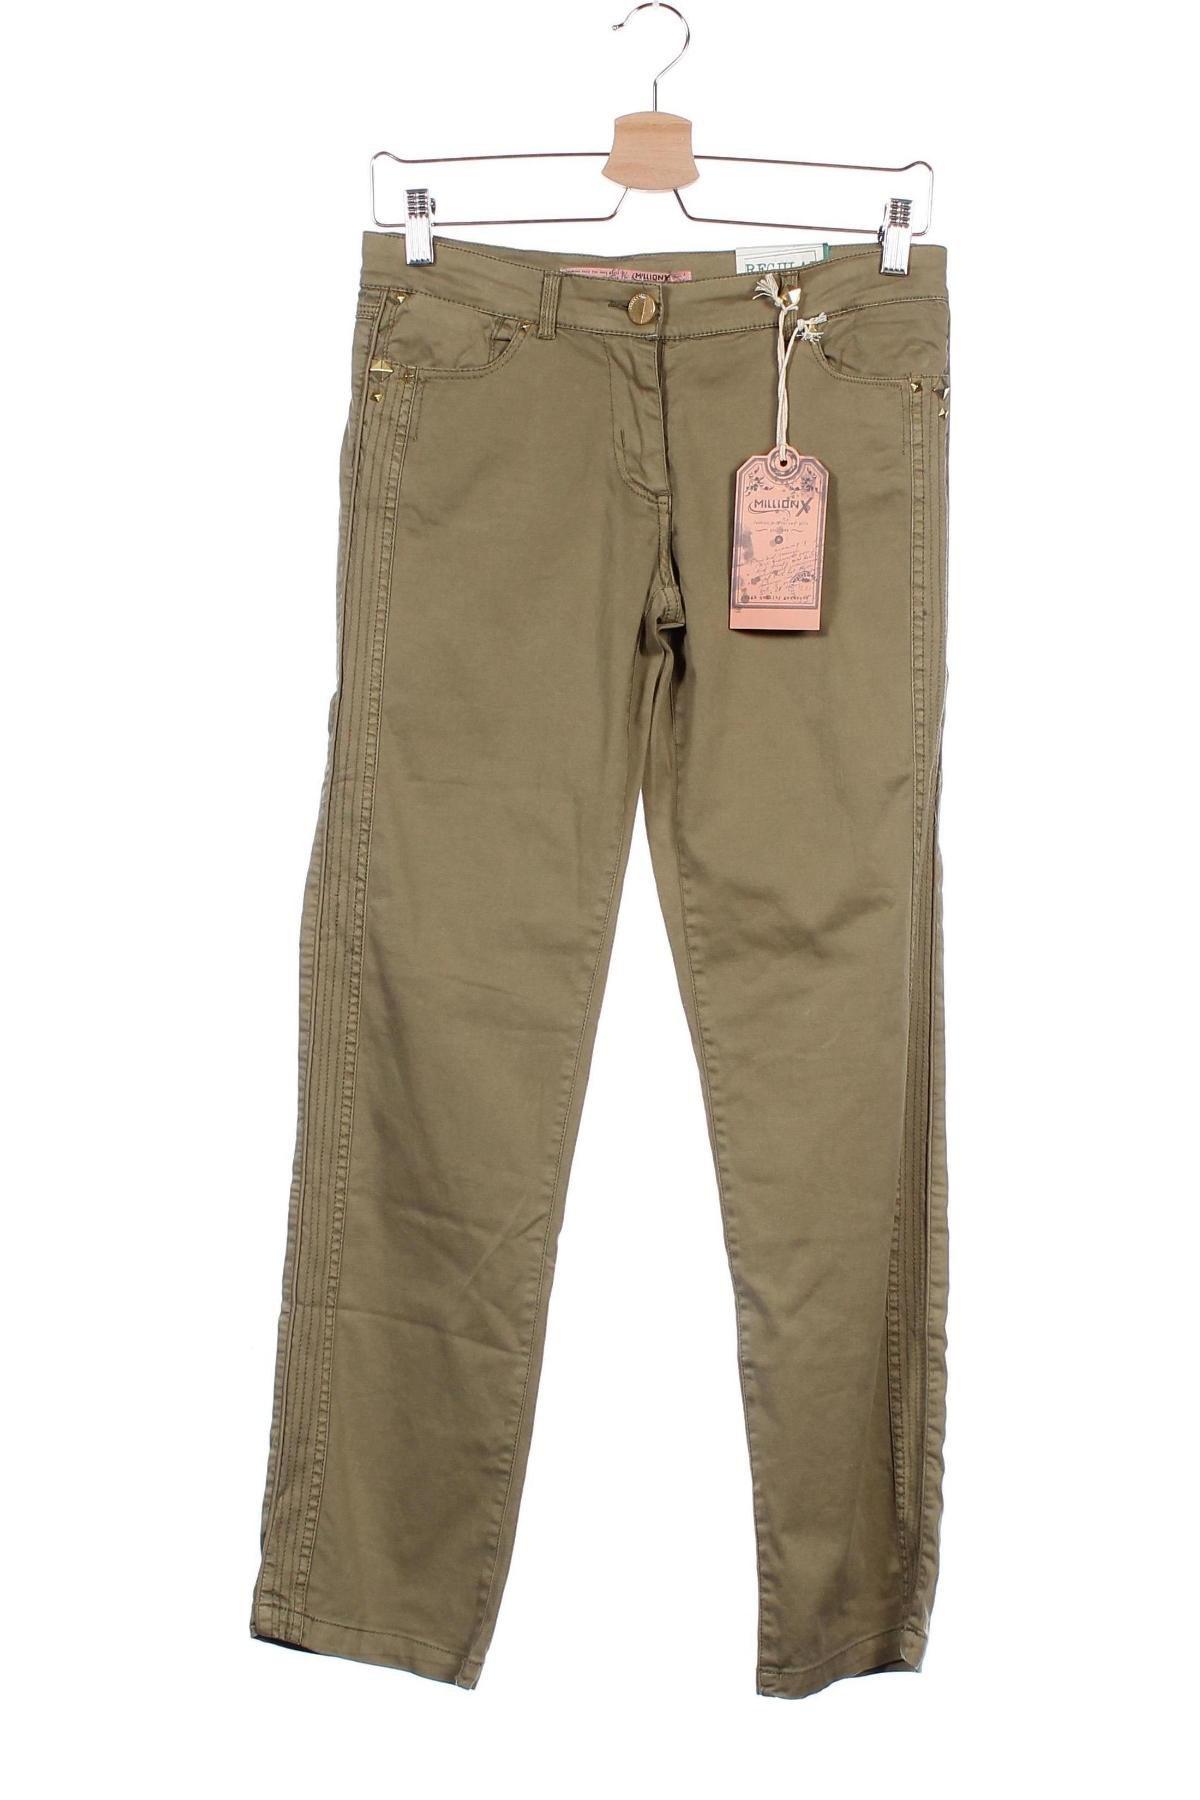 Παιδικό παντελόνι Million X, Μέγεθος 12-13y/ 158-164 εκ., Χρώμα Πράσινο, 98% βαμβάκι, 2% ελαστάνη, Τιμή 11,74€